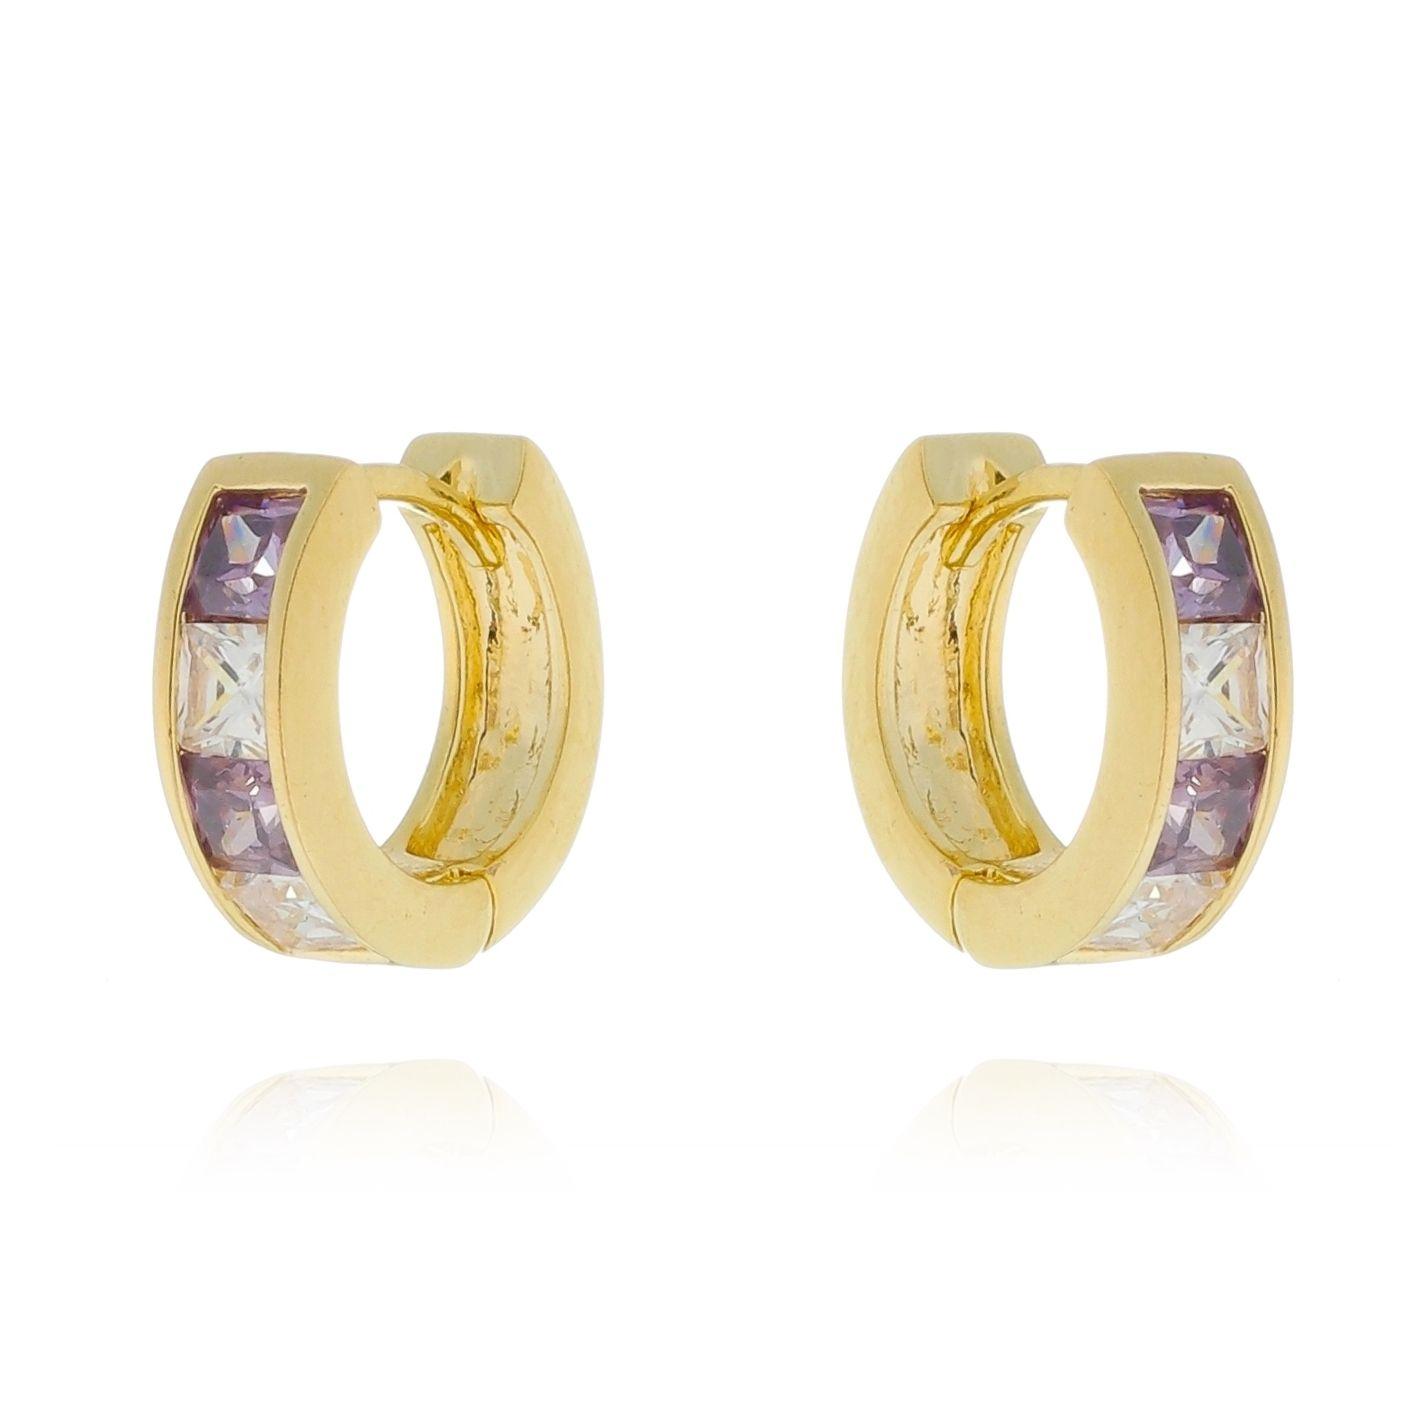 Brinco Argolinha Luxo Zirconia Cravejada Violeta Banhado a Ouro 18K